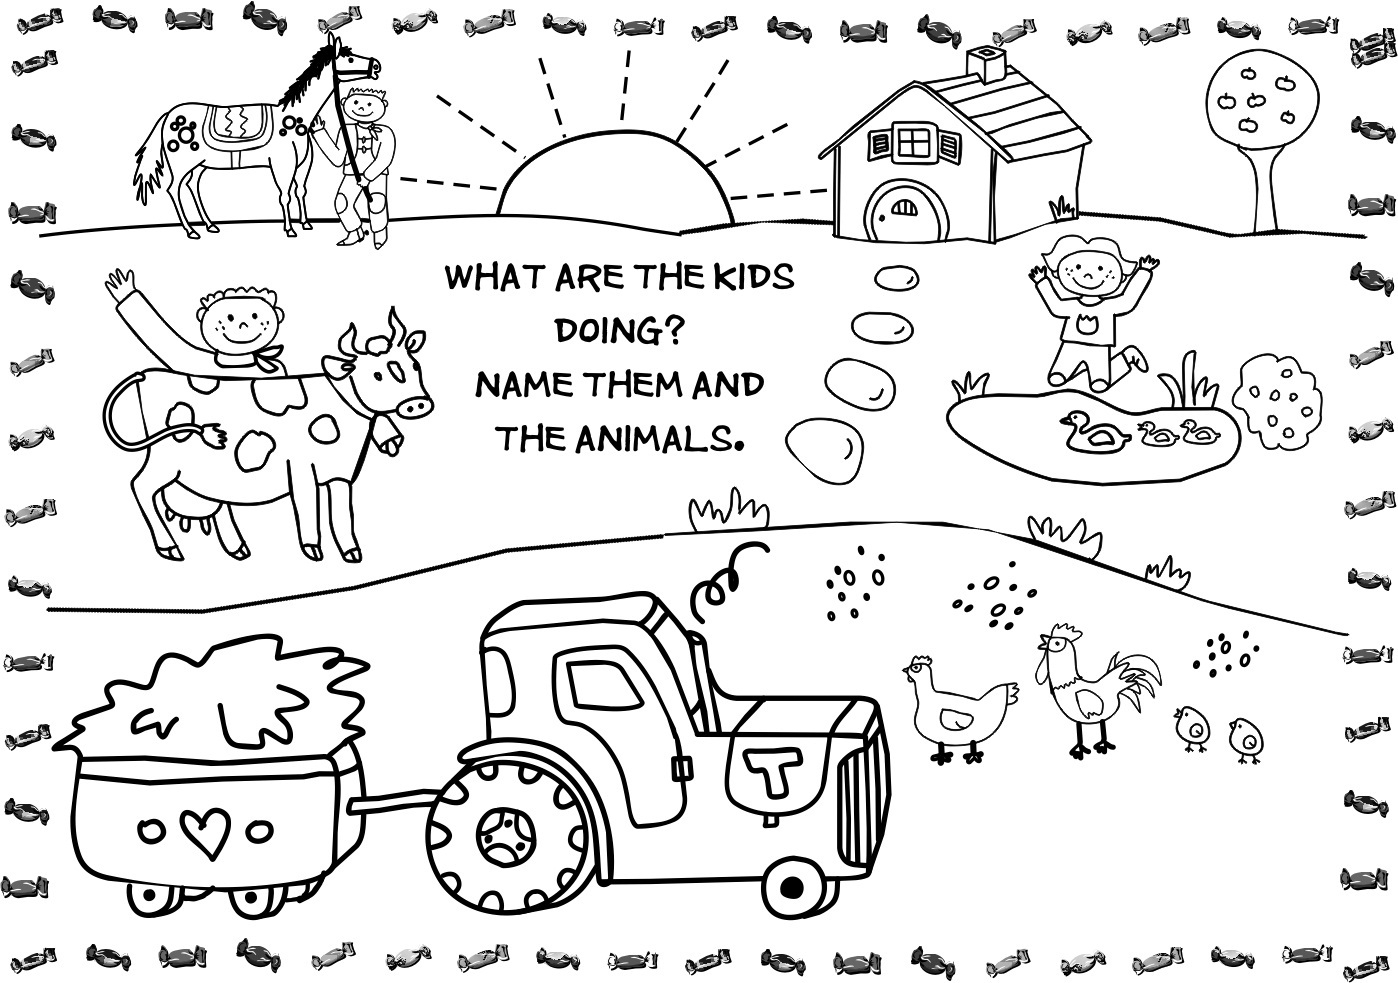 Tổng hợp các bức tranh tô màu dụng cụ nghề nông cho bé tập tô 39